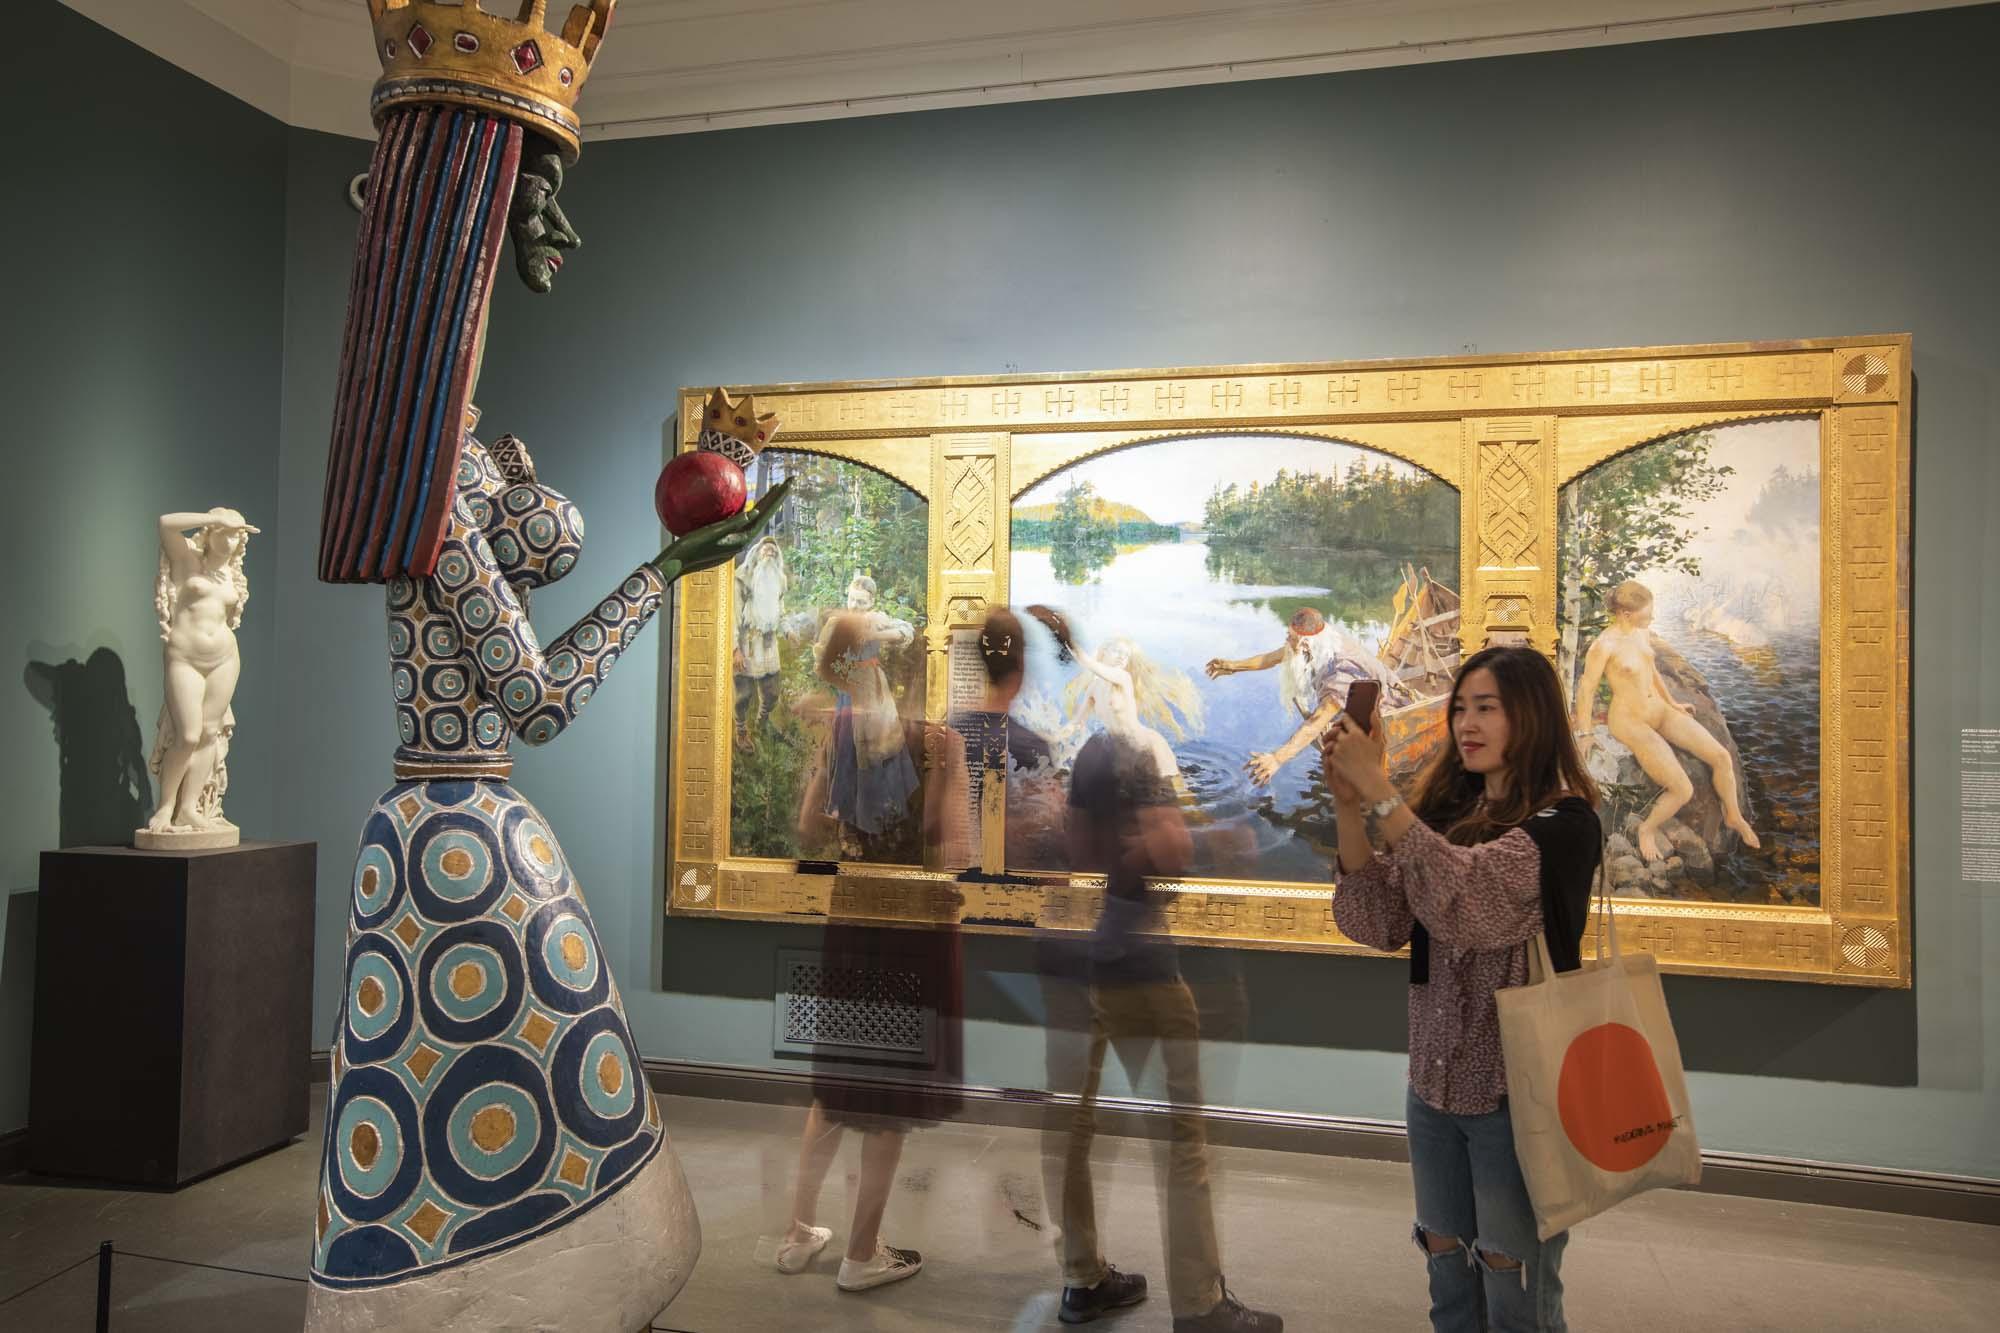 Finnland, Helsinki, Kunstmuseum Atheneum, Bilder von grossen, finnischen Meistern. Besucher vor dem Aino Triptychon von Akseli Gallen-Kallela